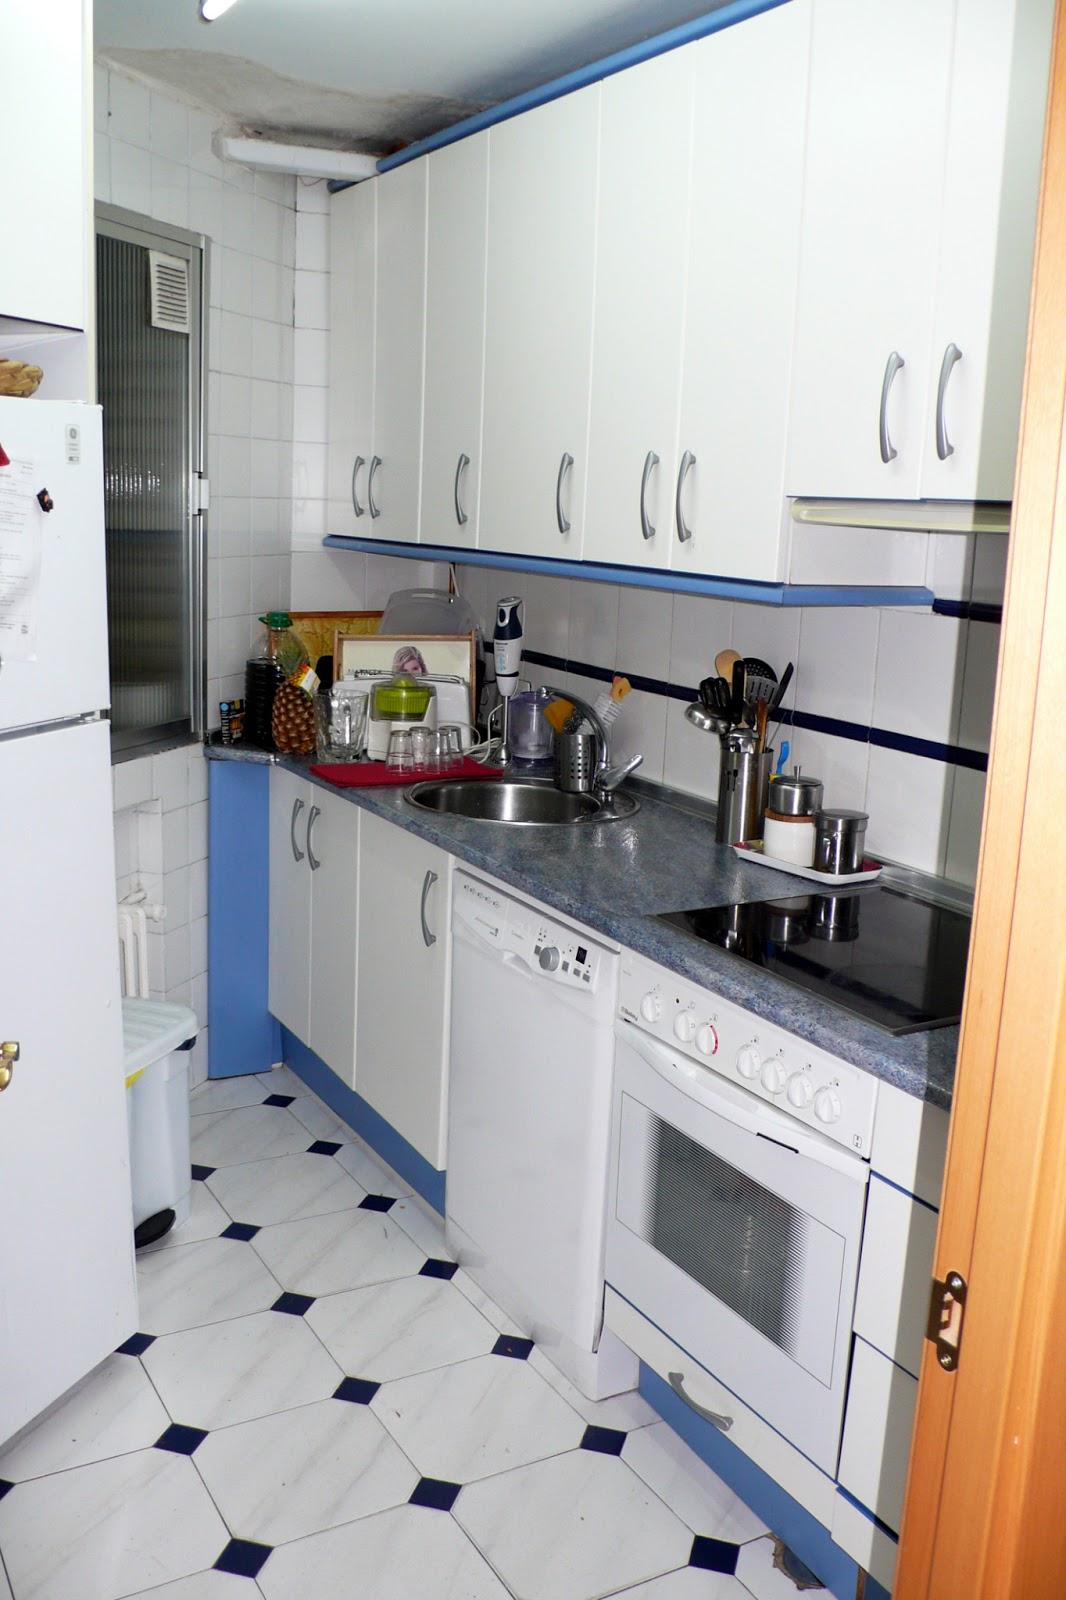 Croquis y detalle casa merci reforma de una cocina for Cocina vitroceramica